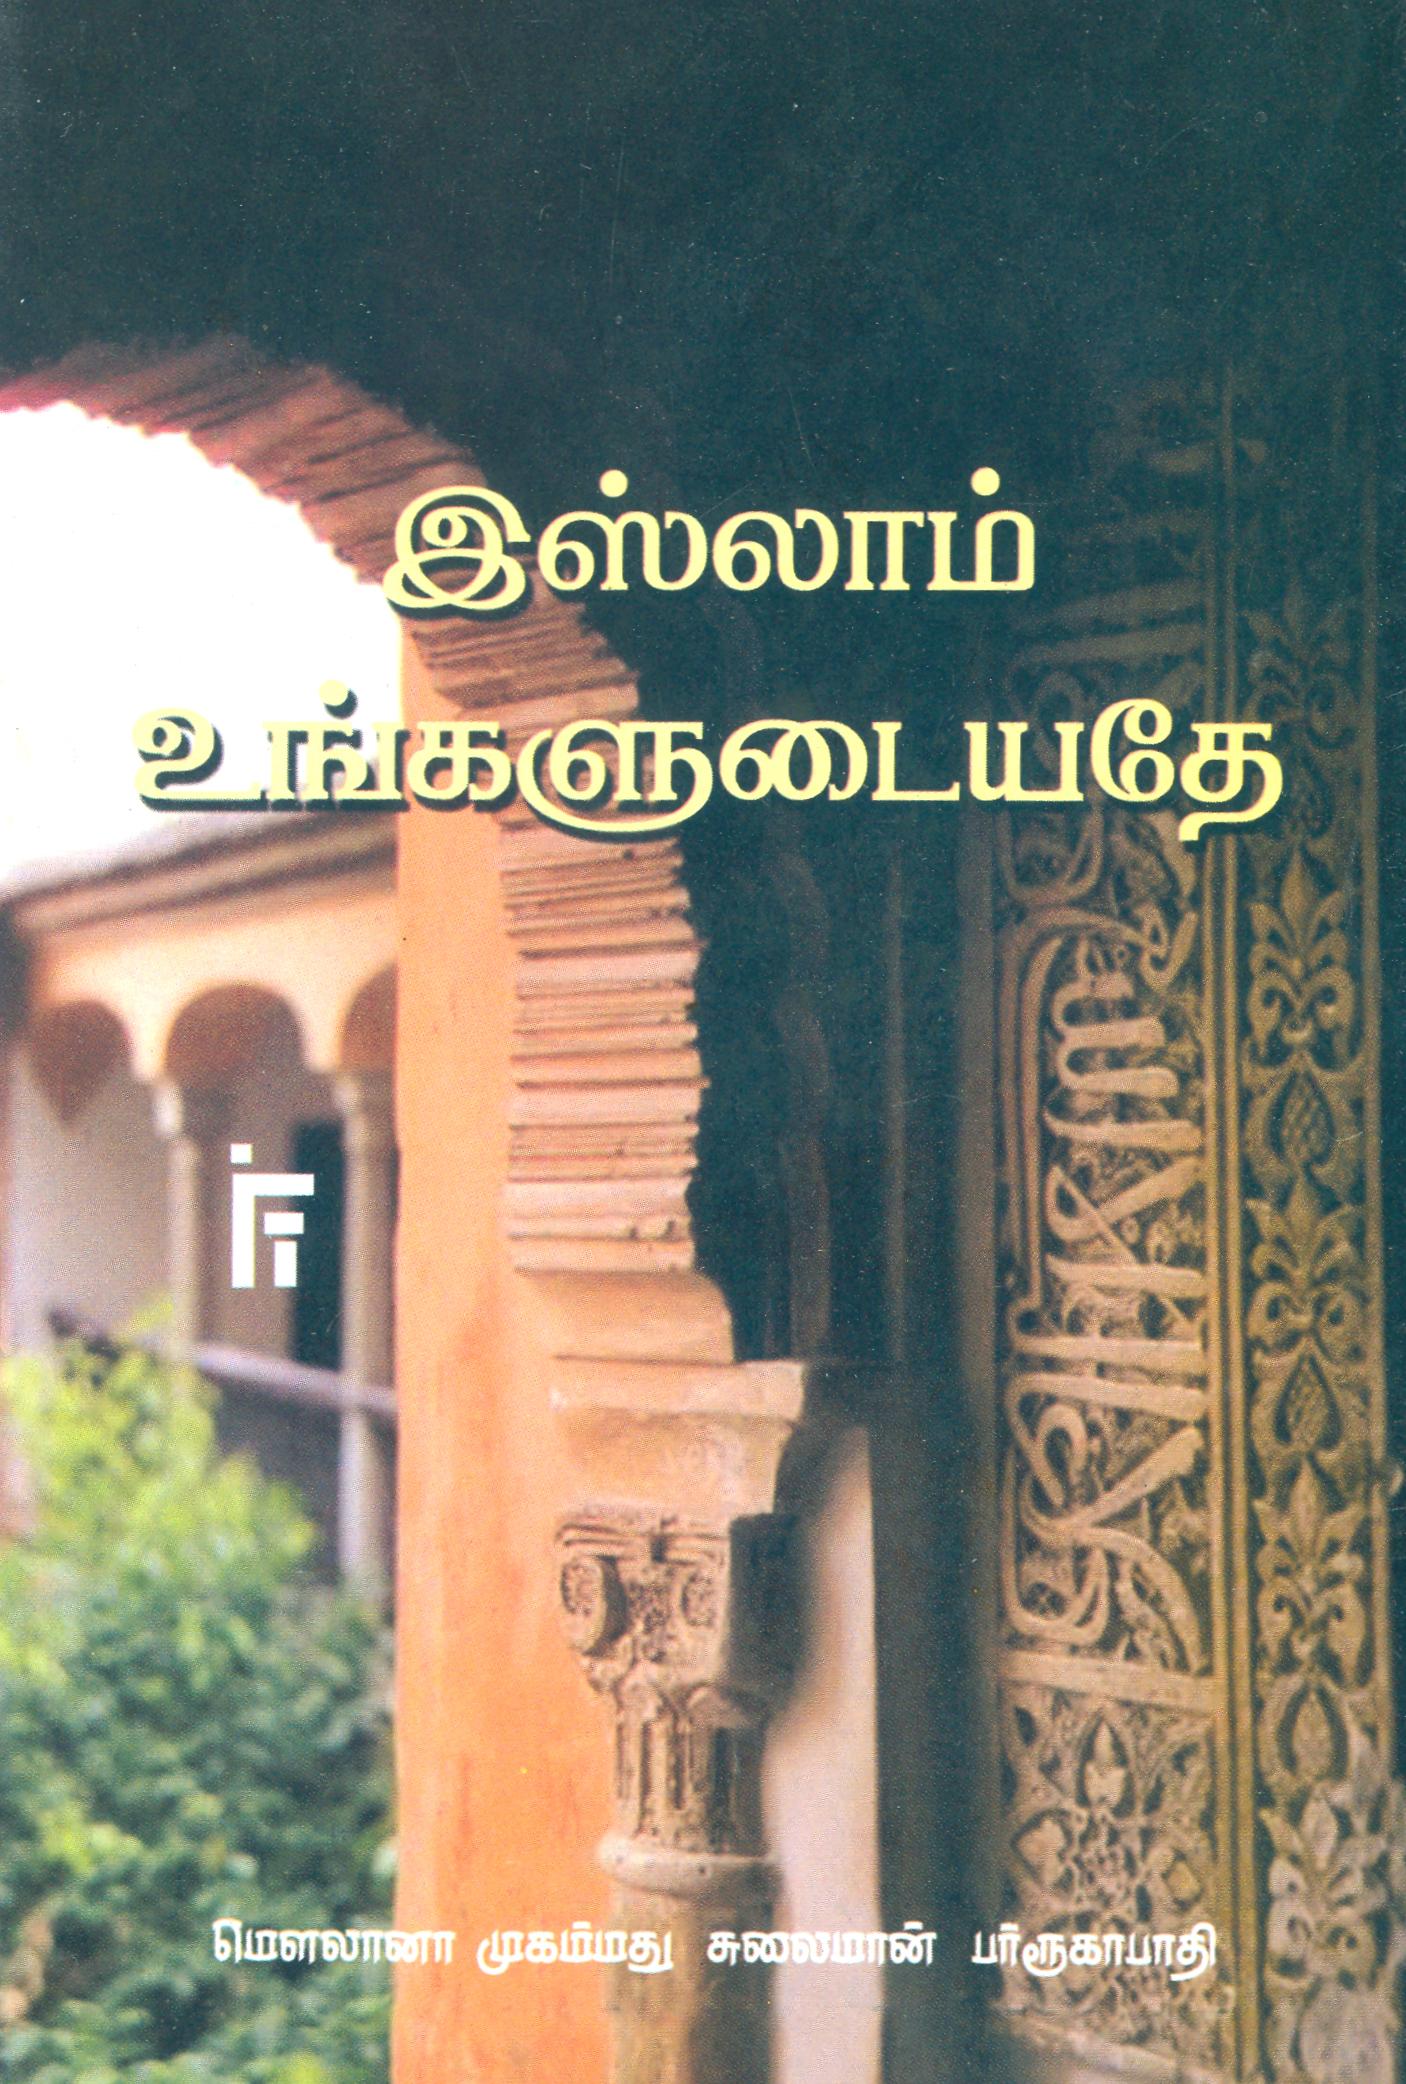 இஸ்லாம் உங்களுடையதே-Islaam unkaḷuṭaiyathe